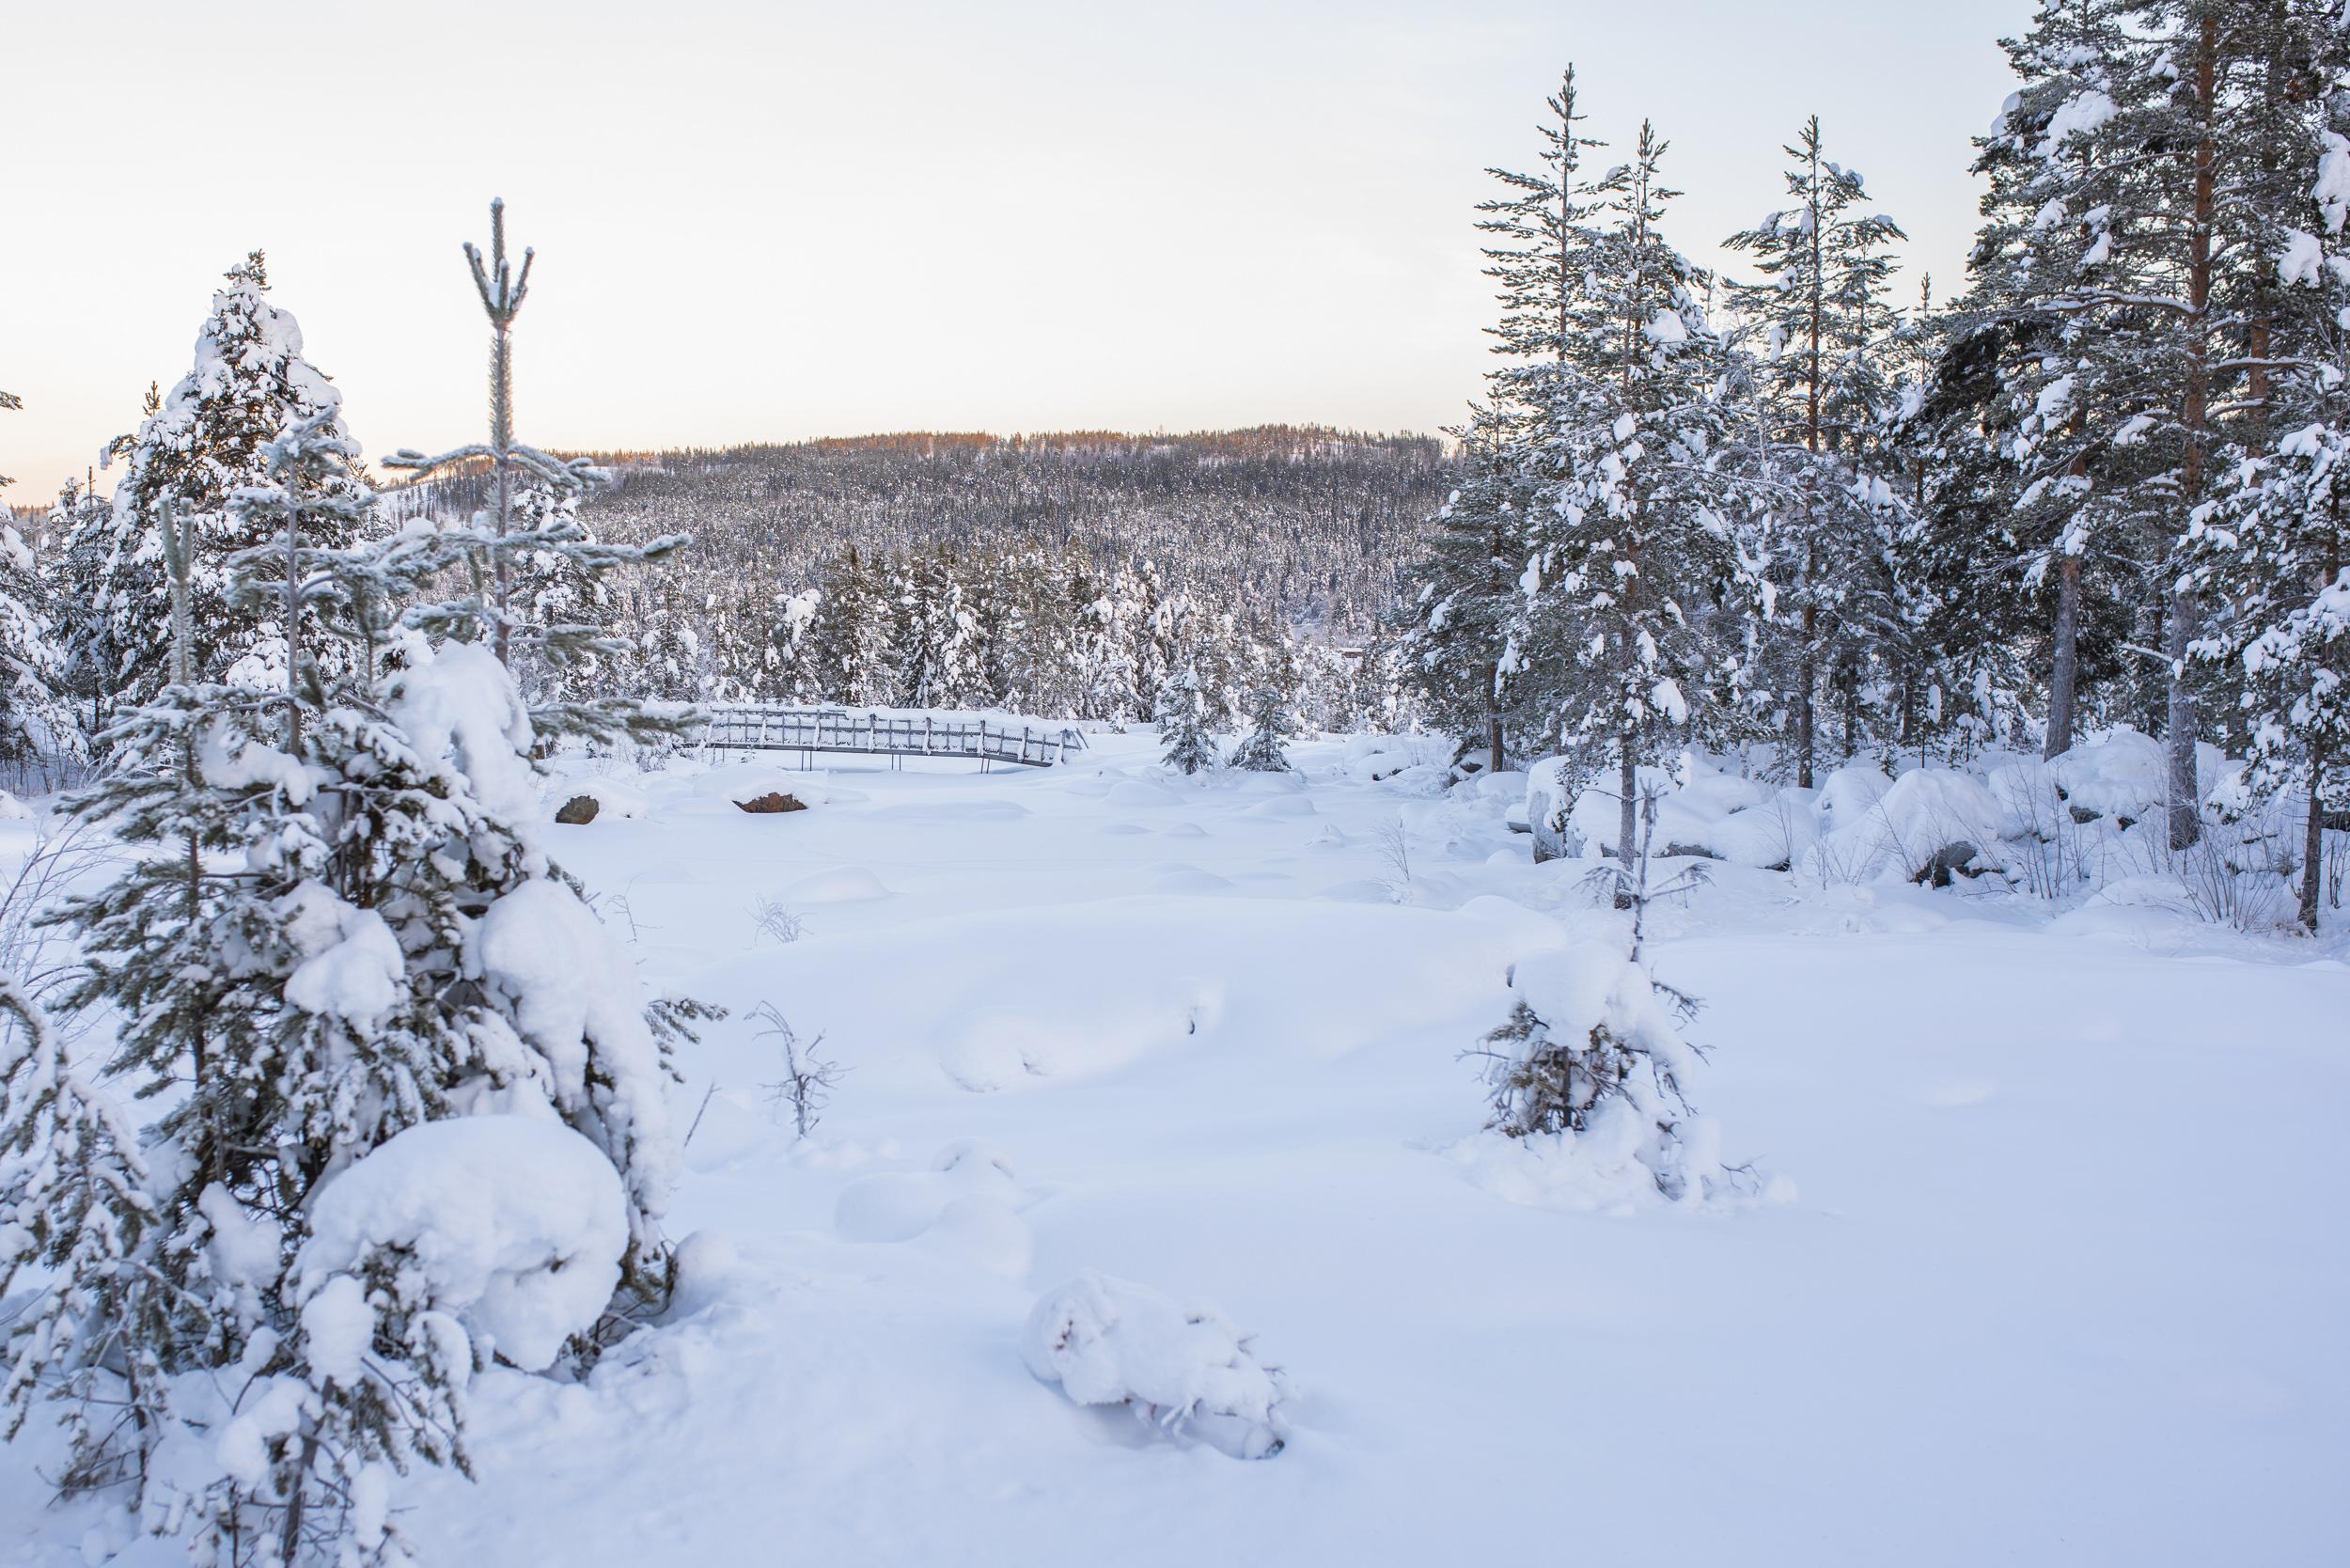 Vinter i Storforsen. Varför är man inte här oftare, alla årstider?